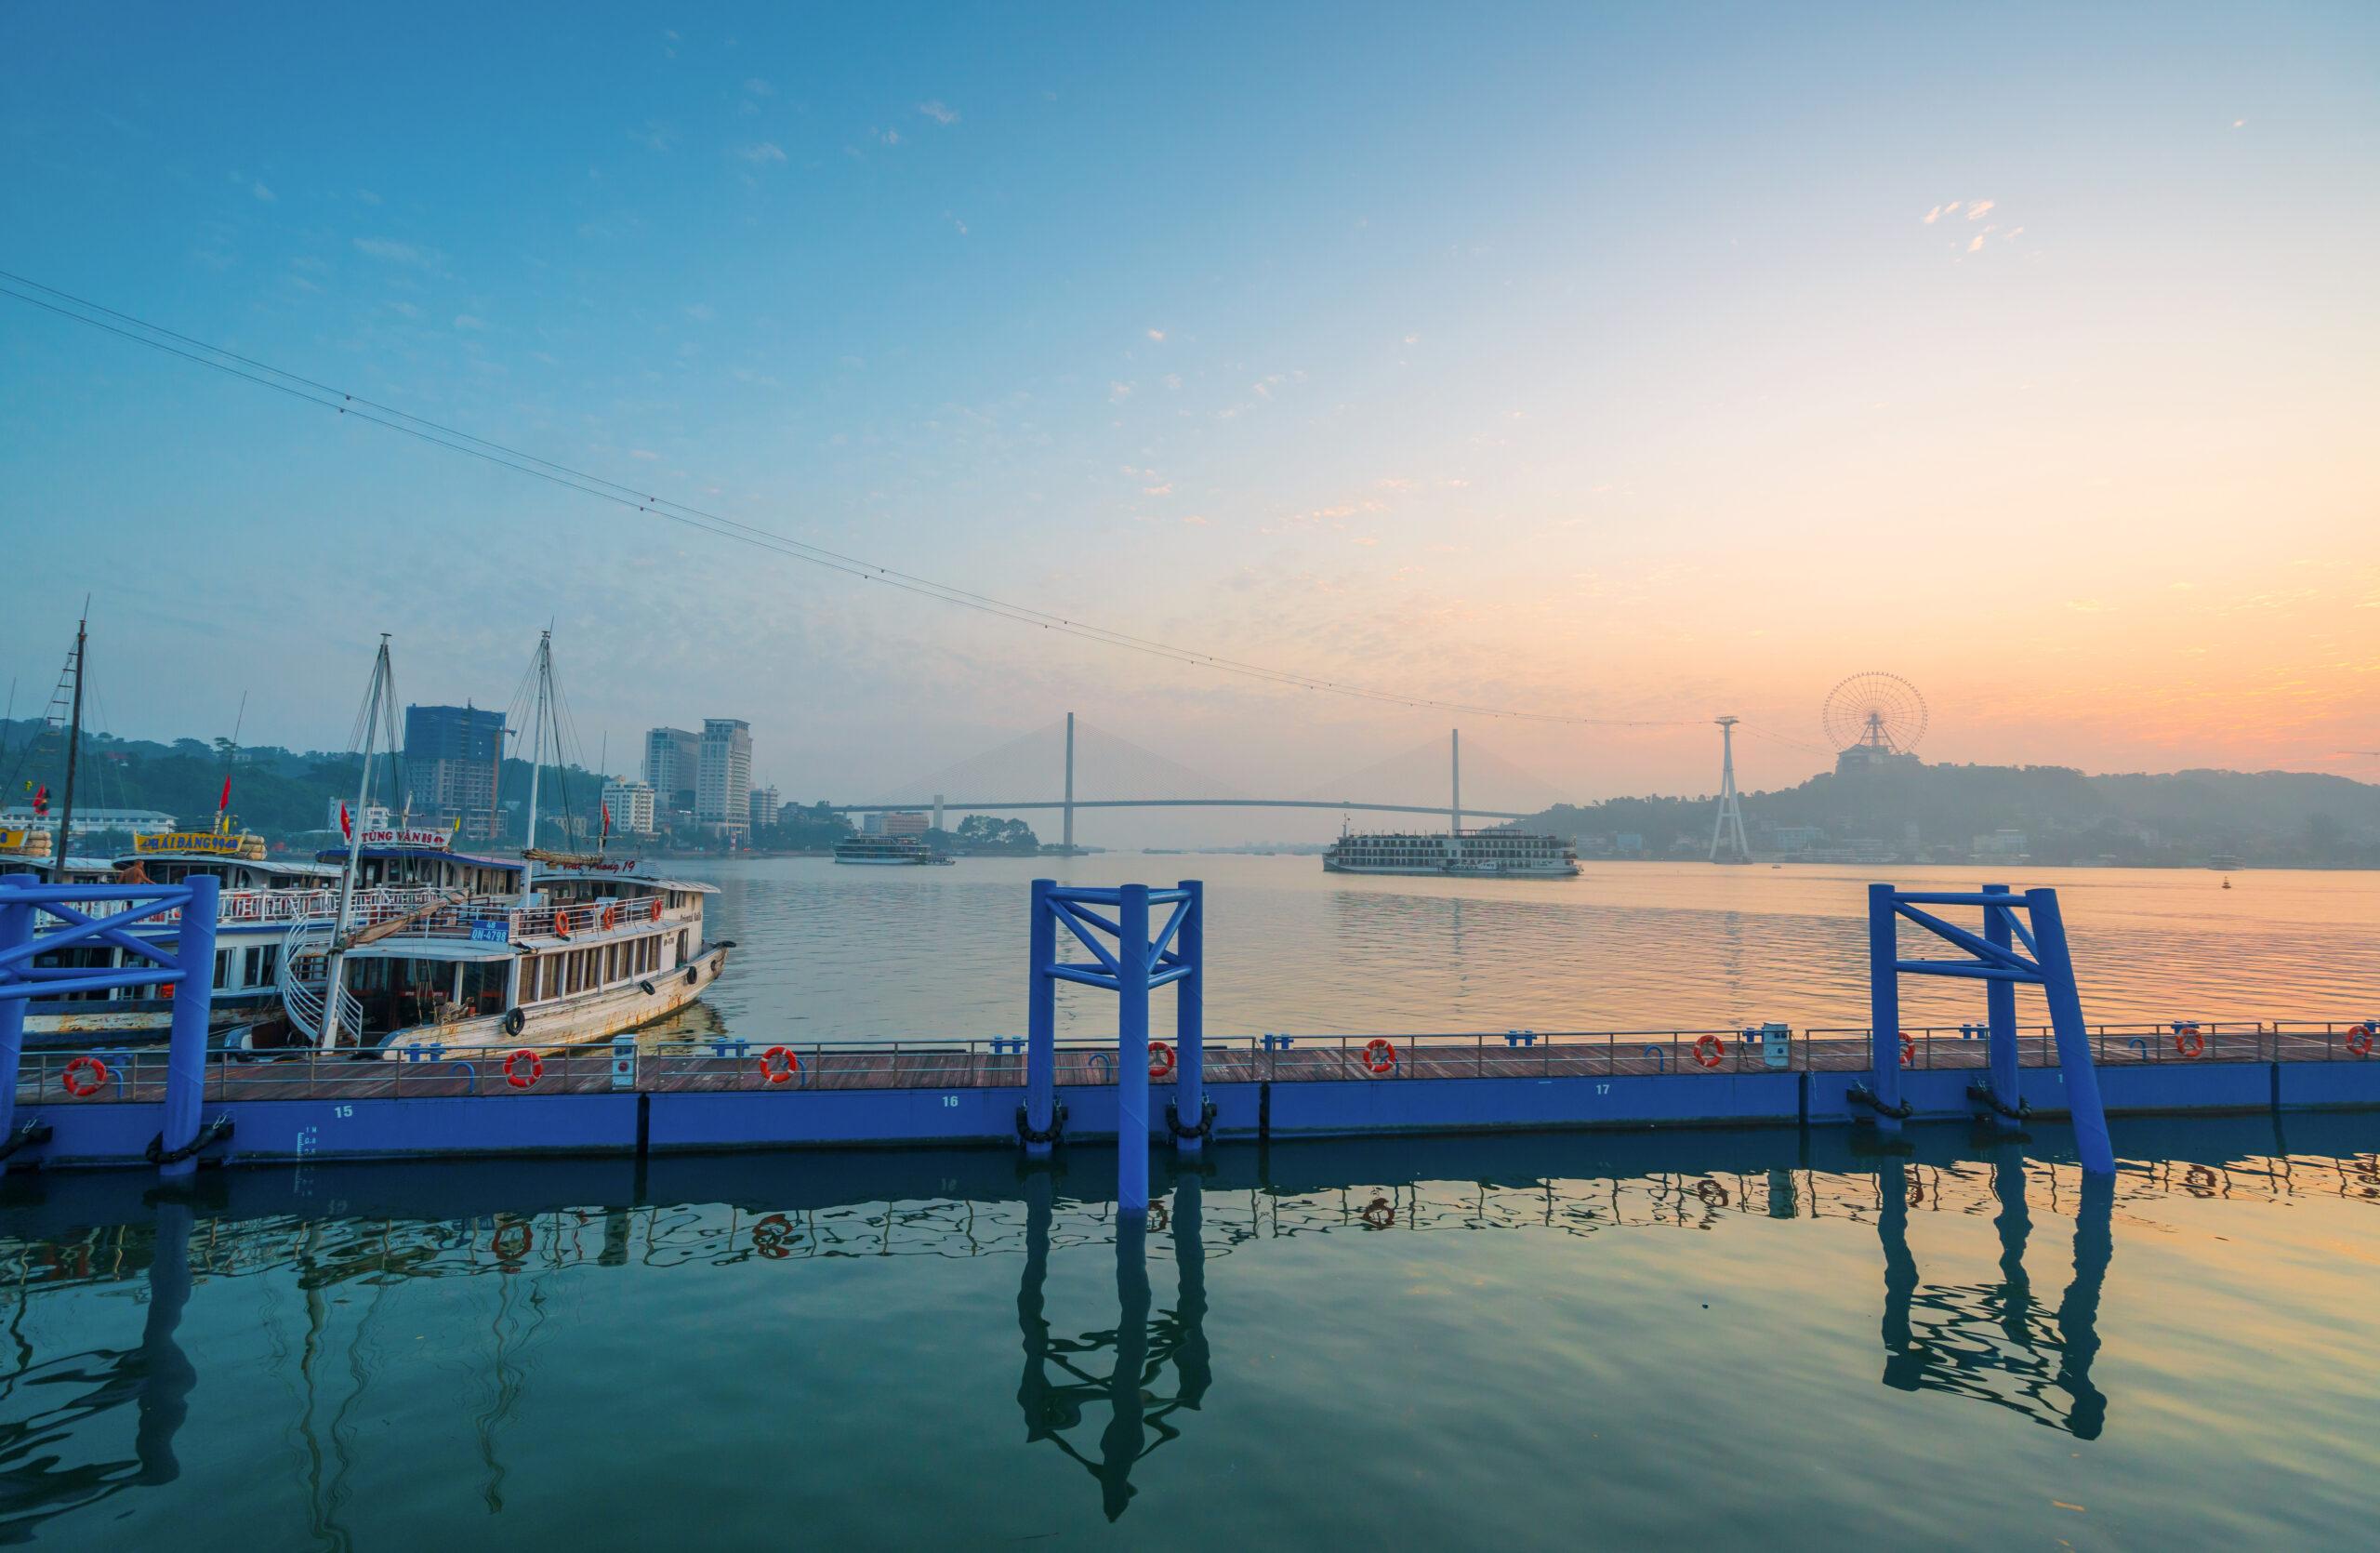 Du lịch Hạ Long: 8 bước cần để có hành trình thú vị